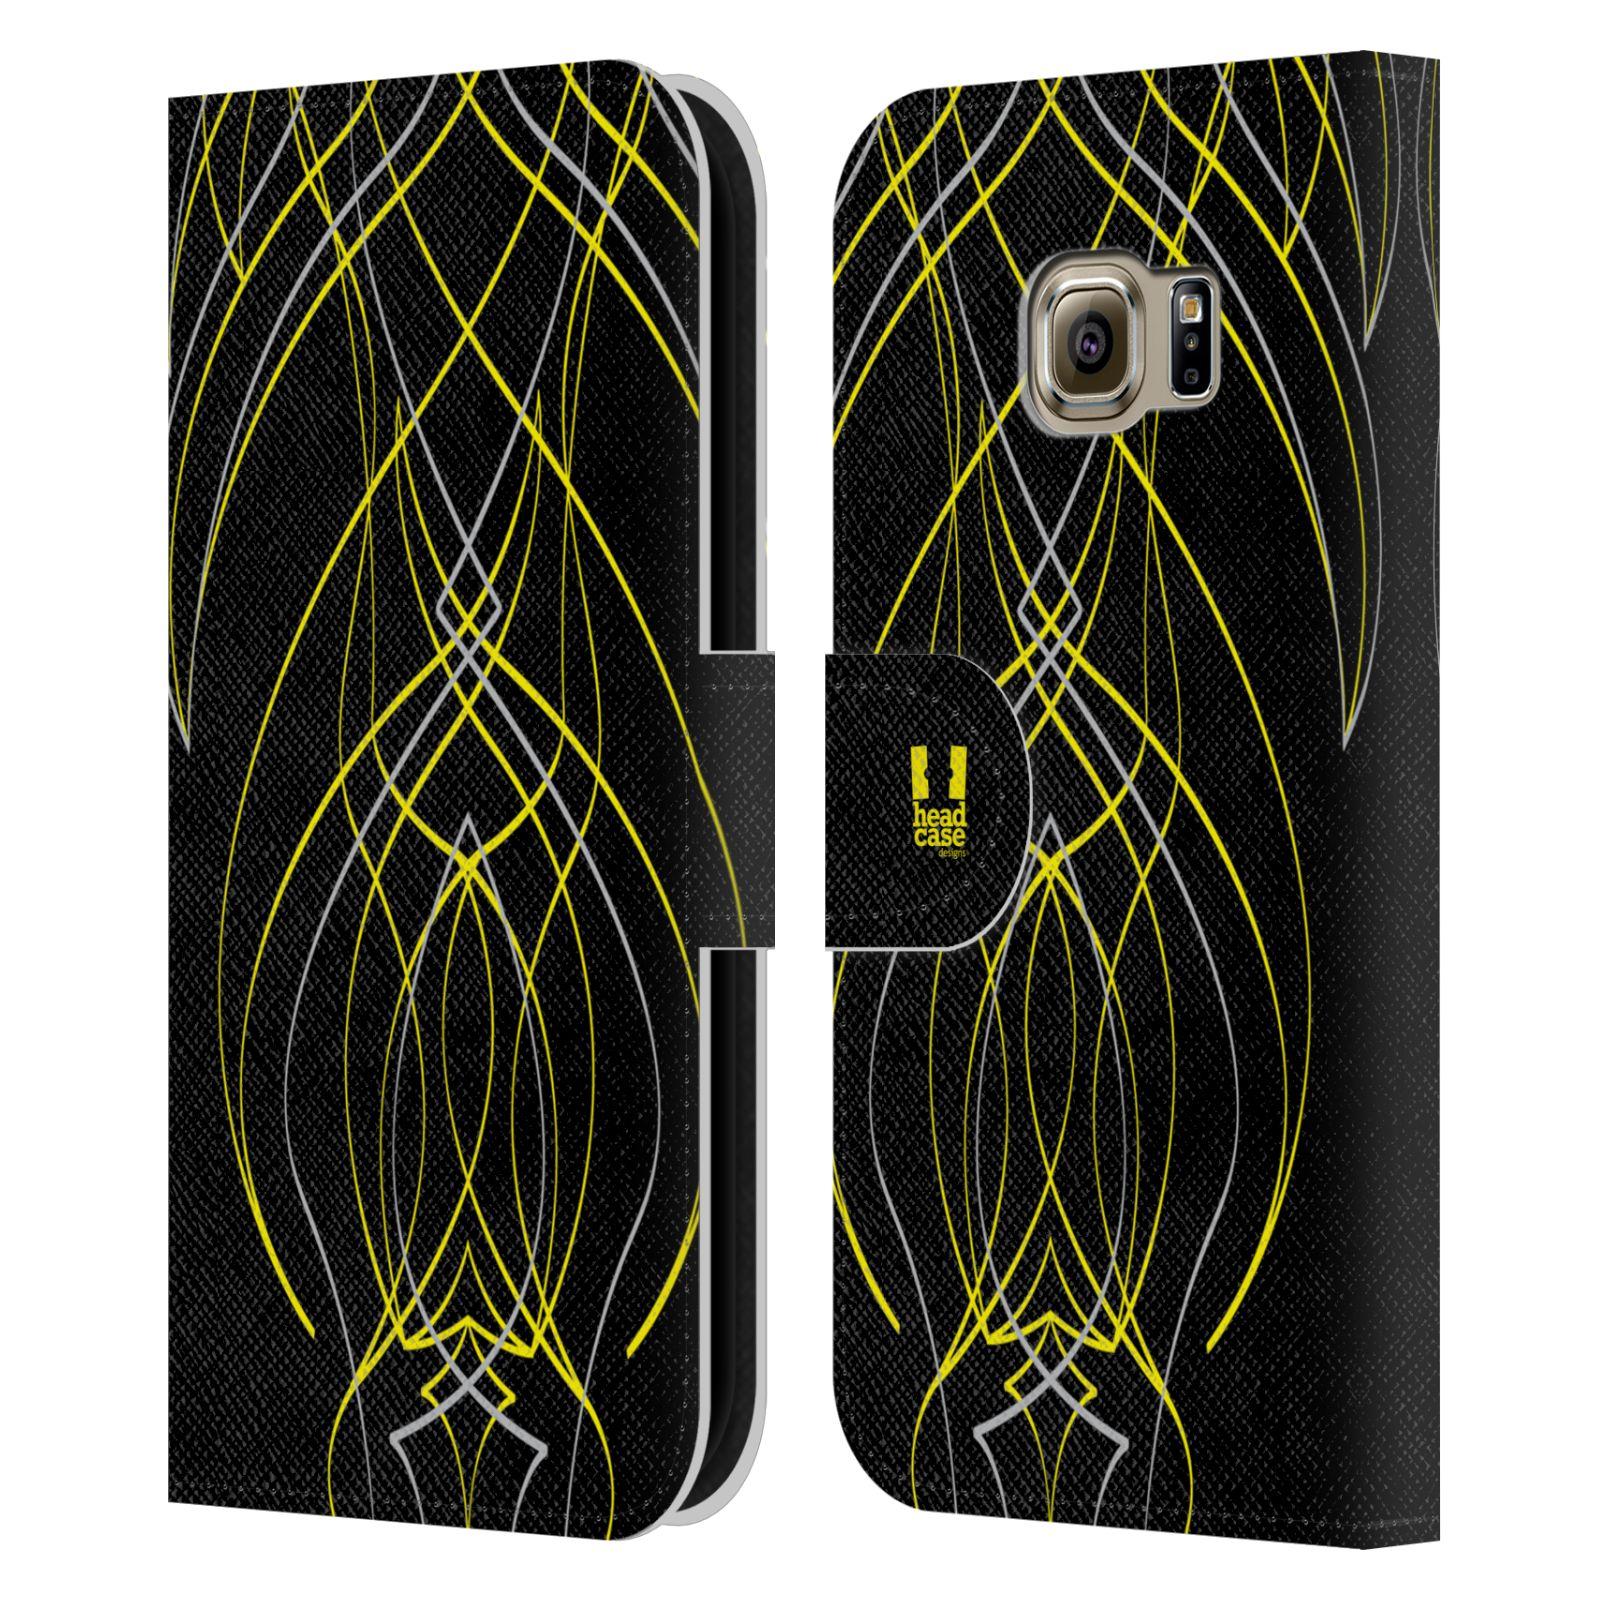 HEAD CASE Flipové pouzdro pro mobil Samsung Galaxy S6 EDGE barevné proužky tvary žlutá